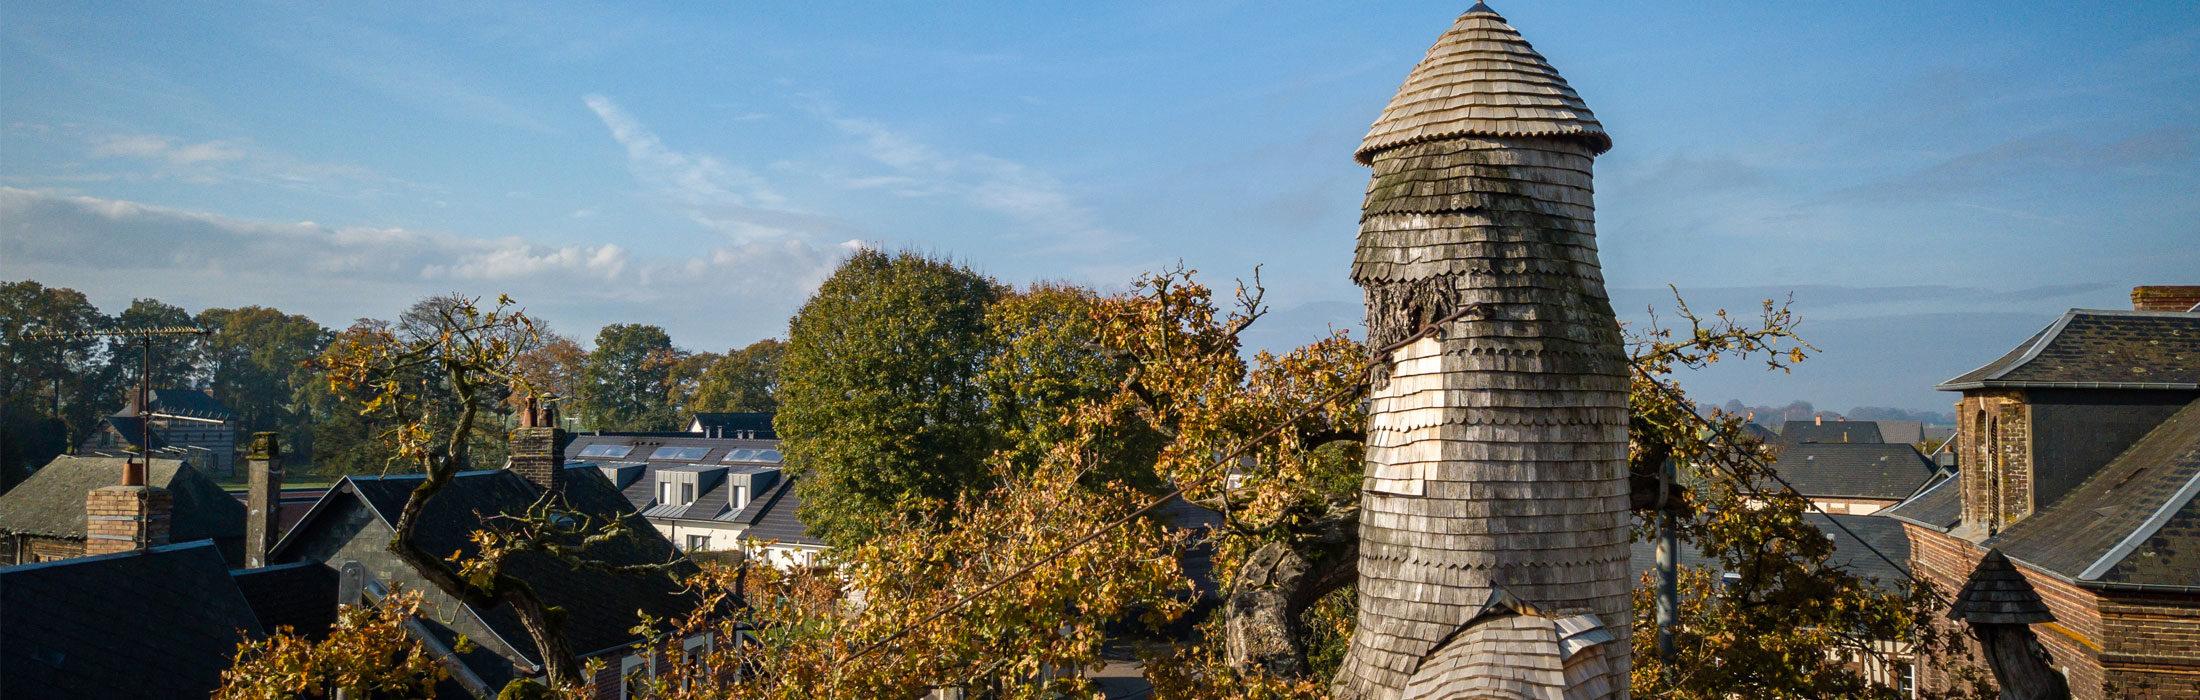 A Allouville-Bellefosse, à côté de l'église du village,se trouve le plus vieux chêne deFrance. Onestime son âge à environ 1200 1